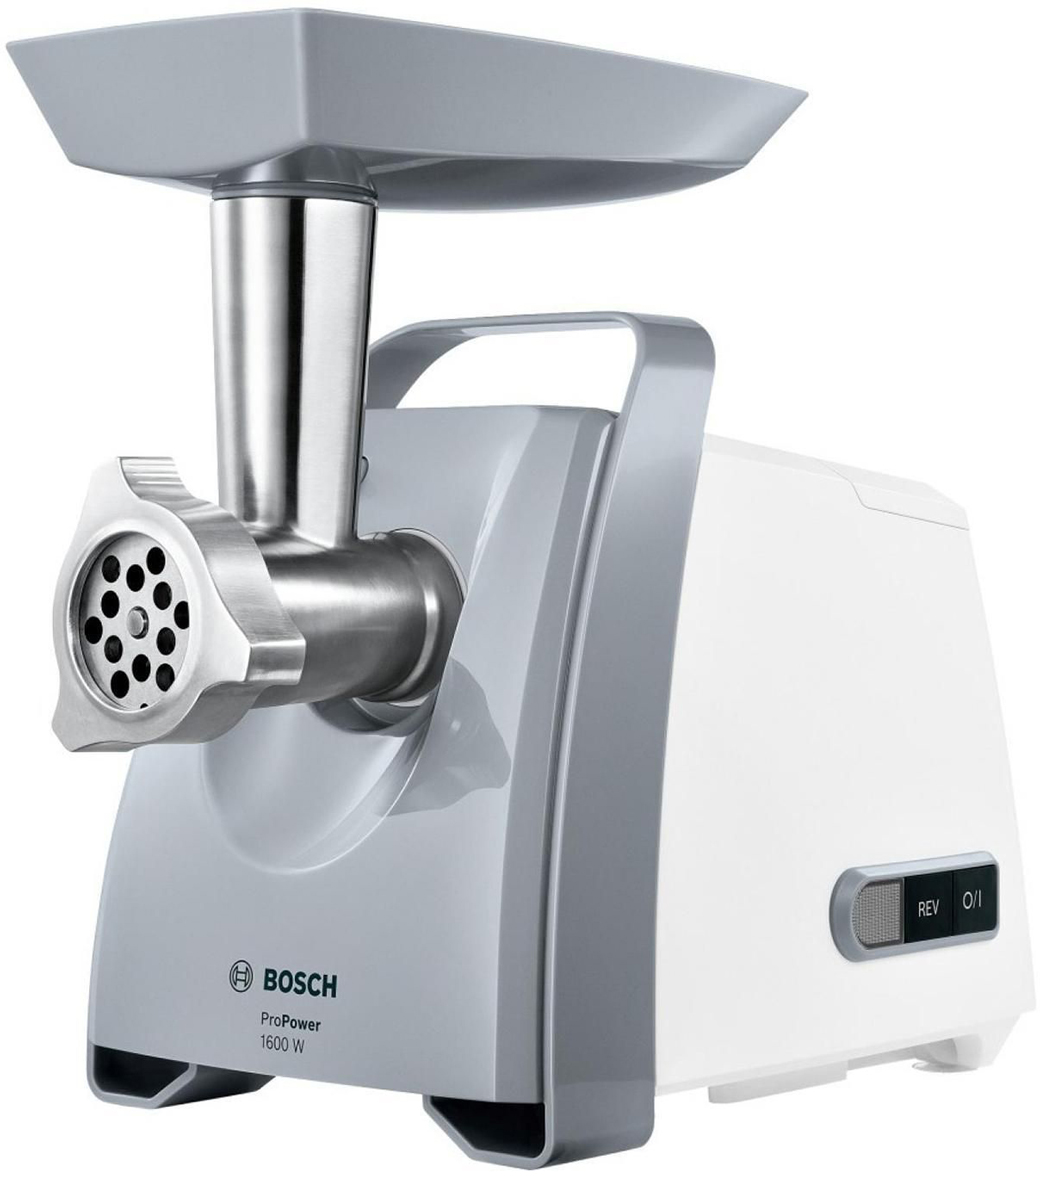 Мясорубка Bosch MFW45020 ProPower, White Silver bosch мясорубка propower mfw66020 1800вт